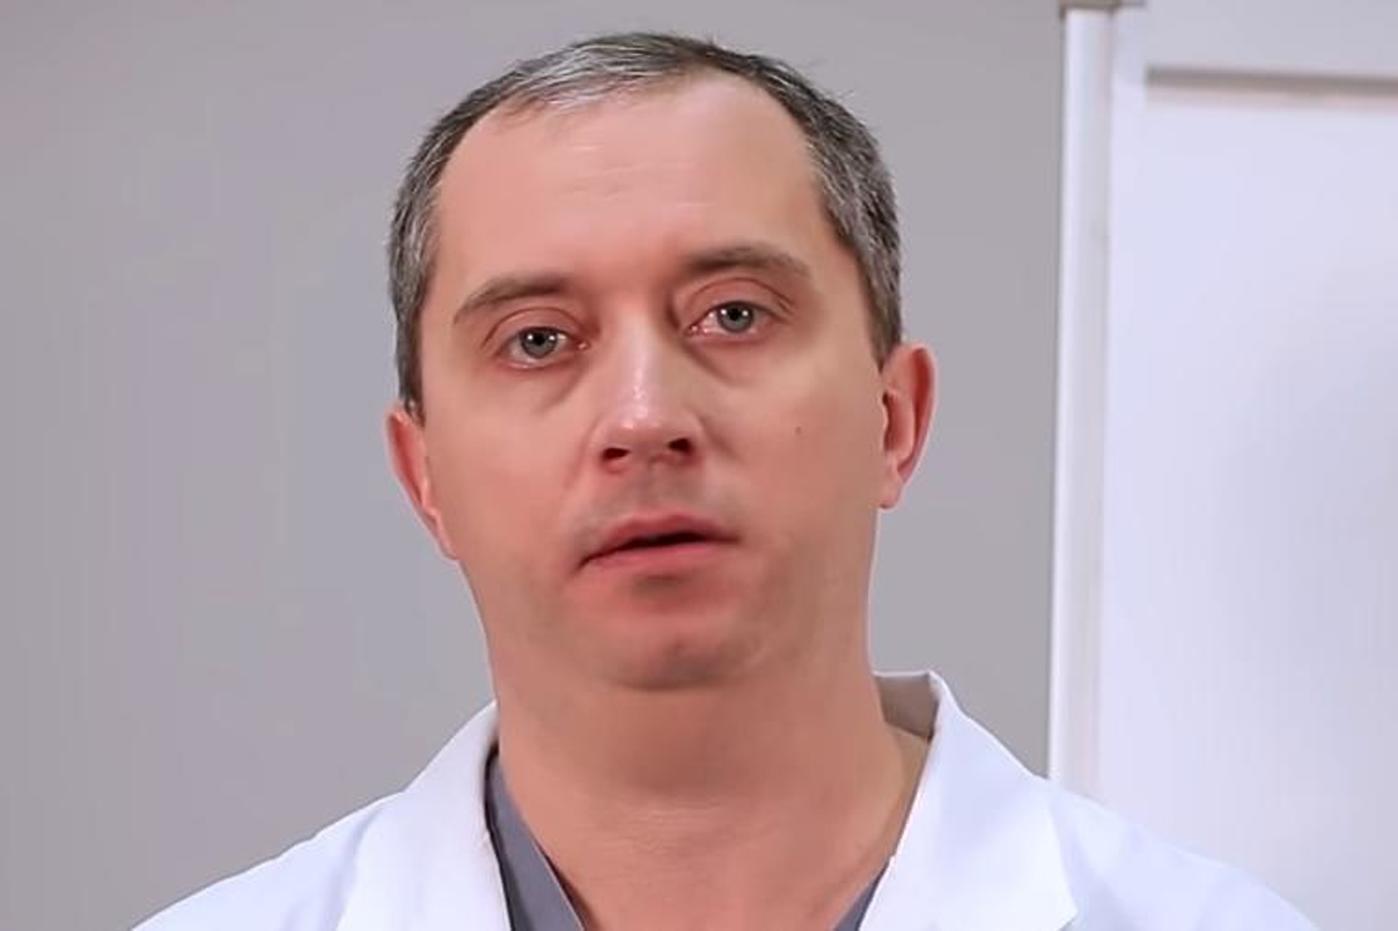 Ruski liječnik preporučuje vježbe koje zauvijek liječe visoki krvni tlak